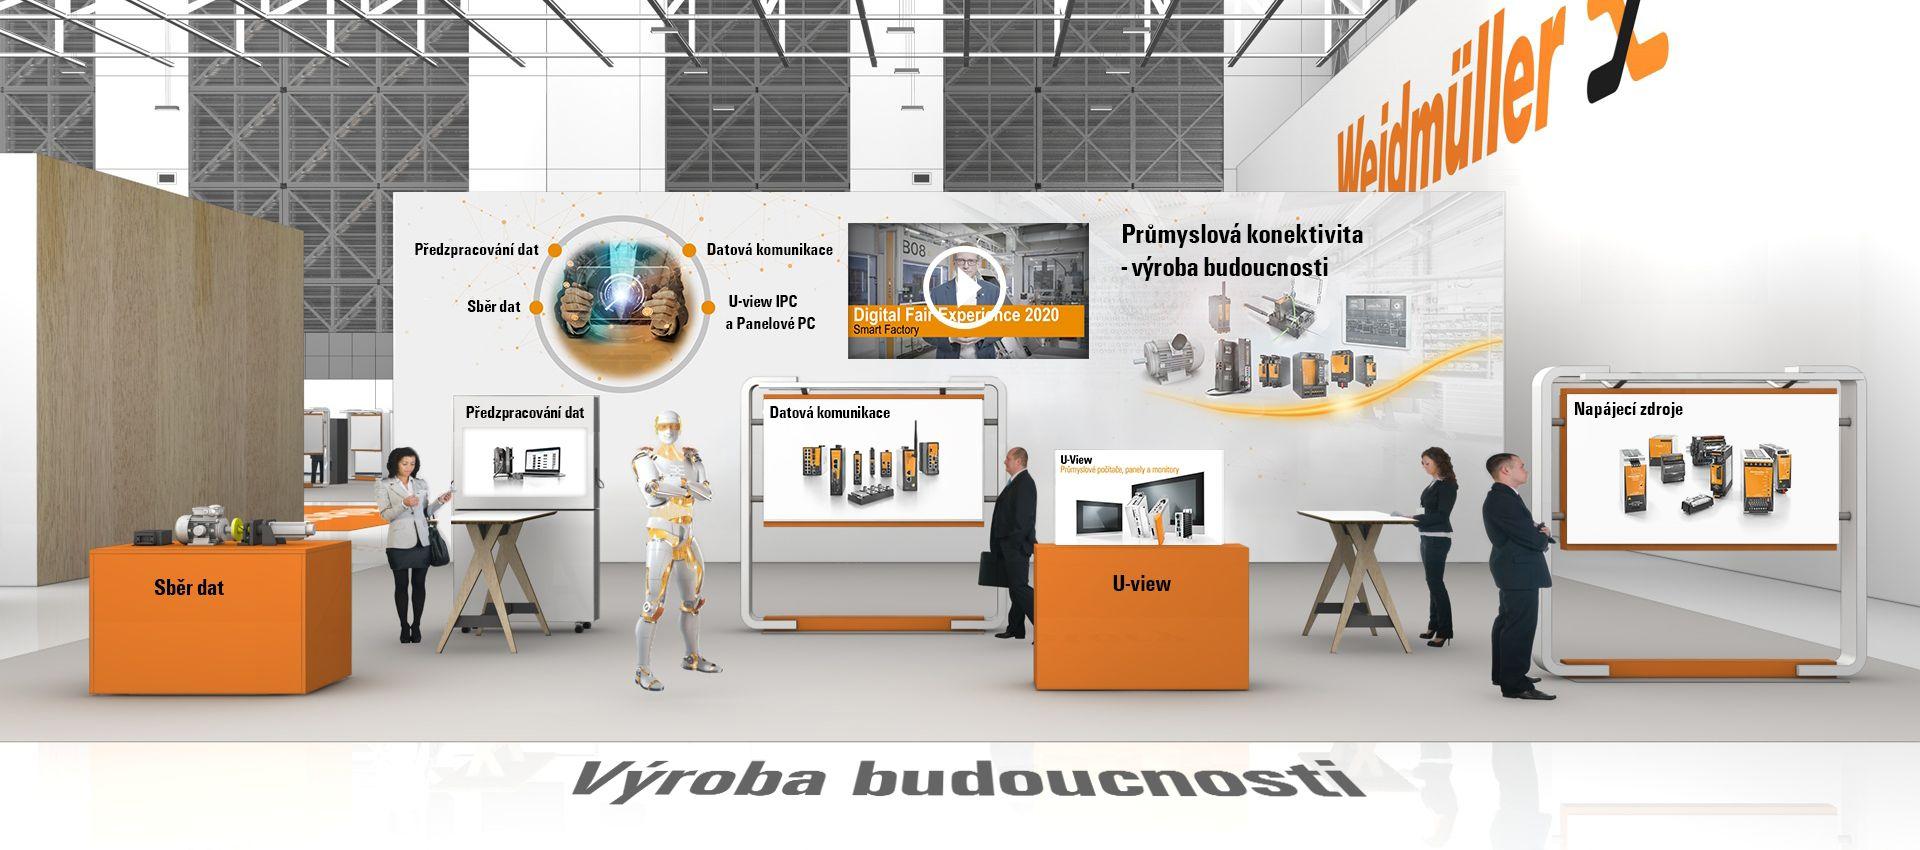 Český virtuální stánek IoT